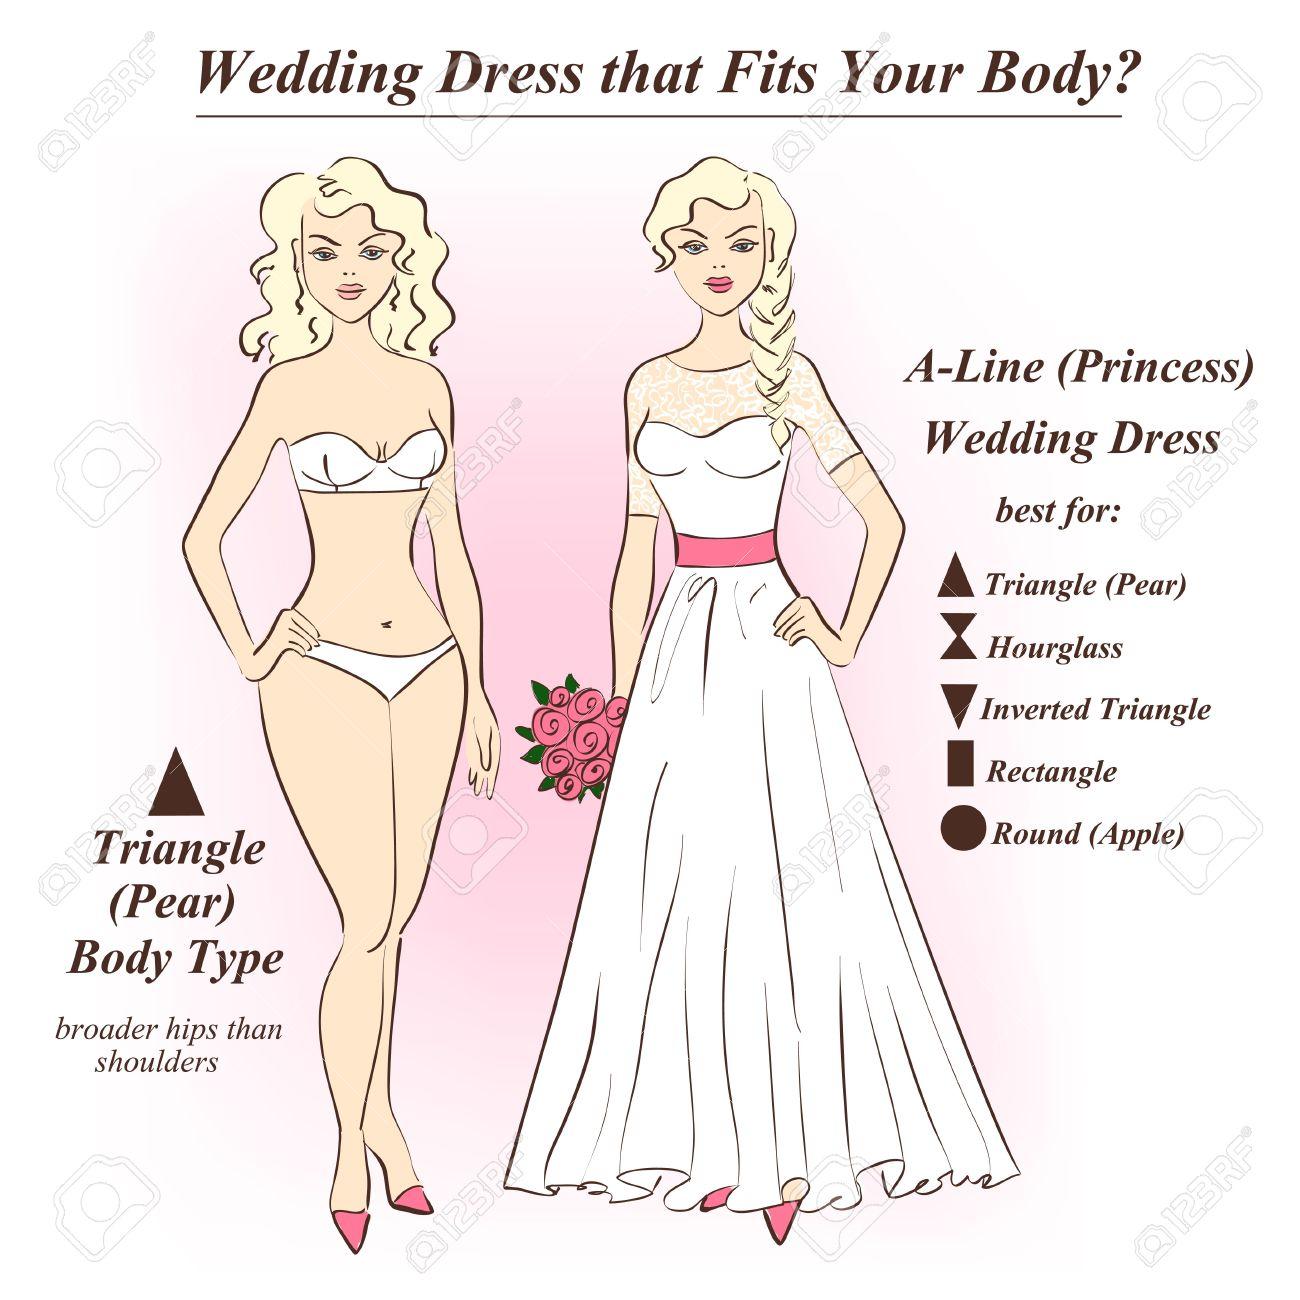 Infografik Der A-Linie Oder Prinzessin Hochzeitskleid, Die Für Die ...